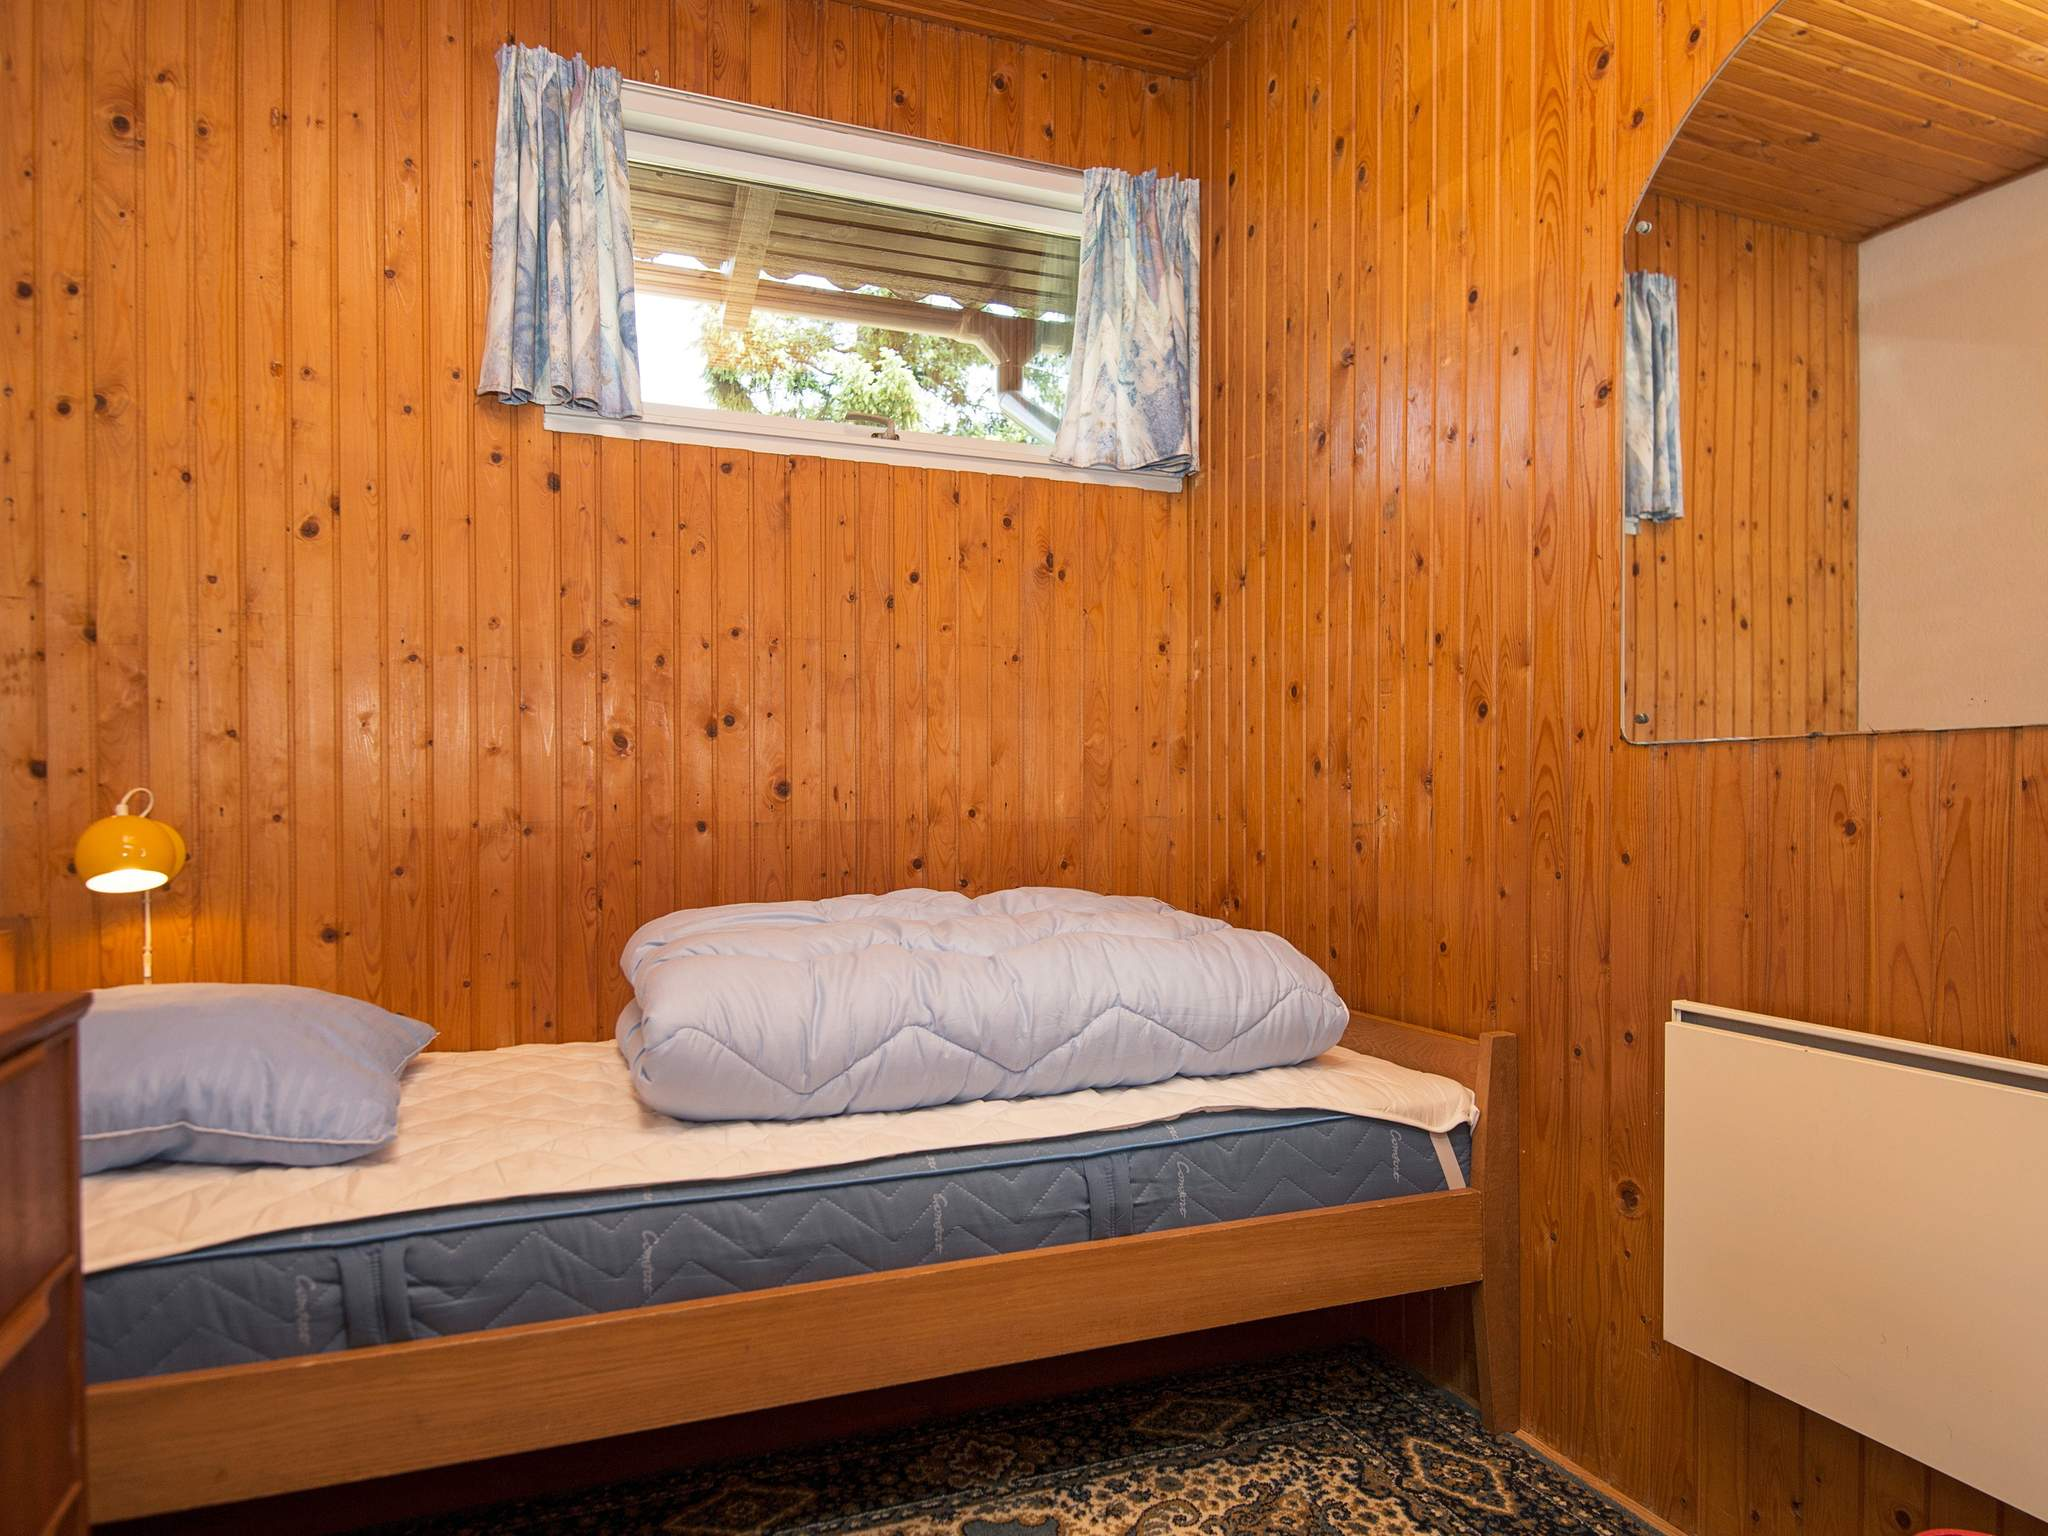 Ferienhaus Silkeborg (2354771), Silkeborg, , Ostjütland, Dänemark, Bild 9